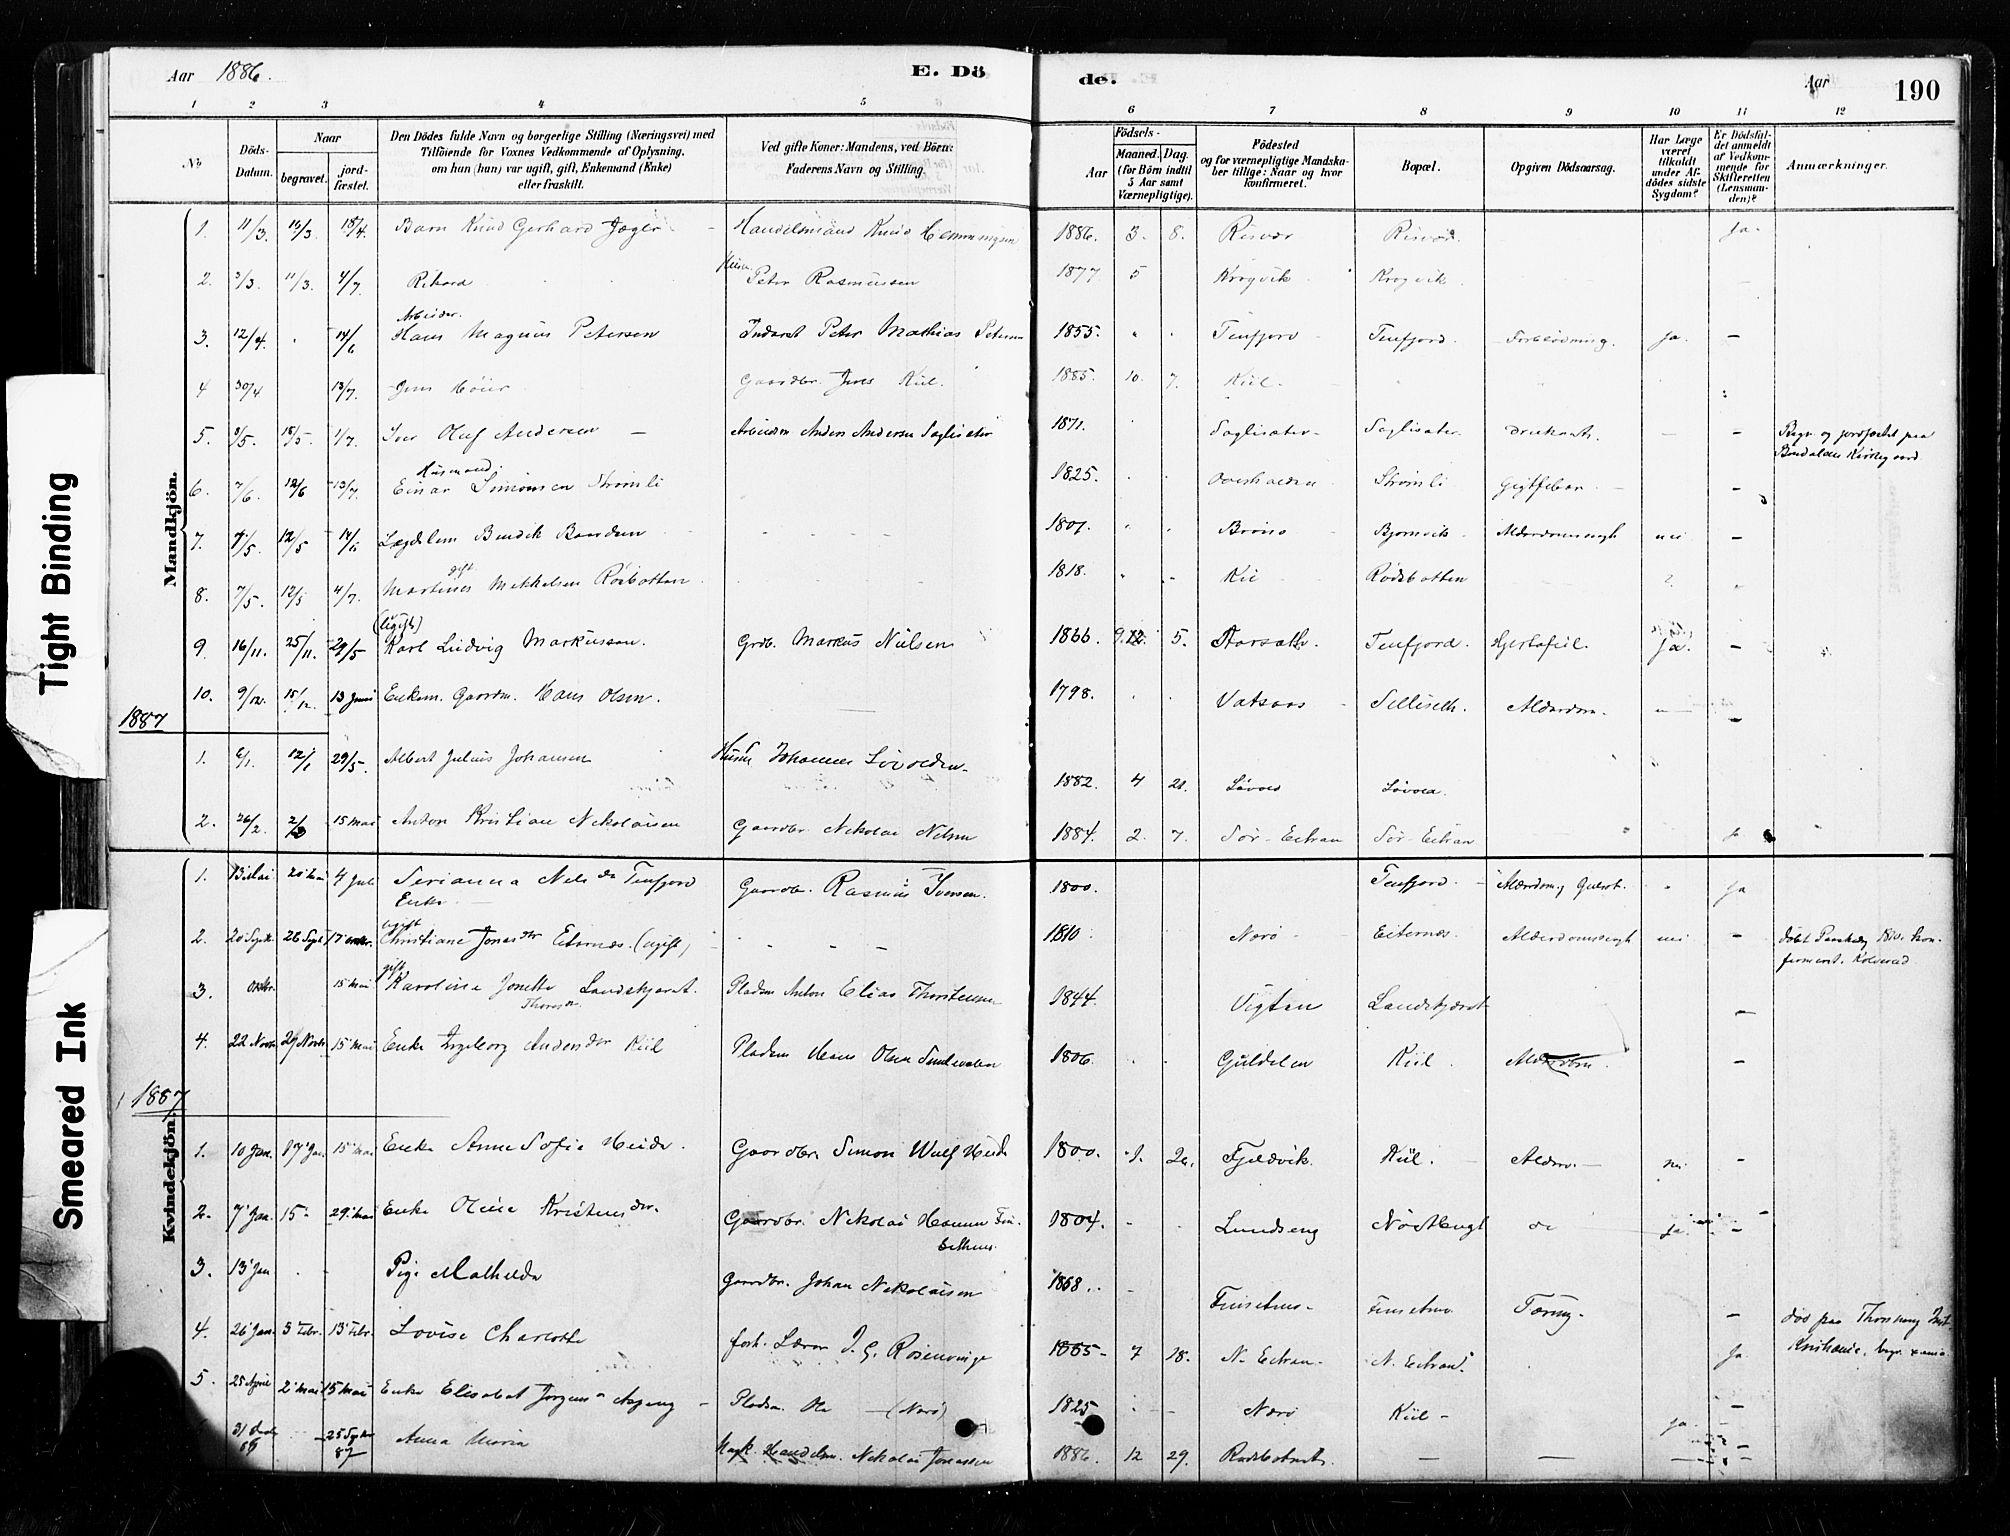 SAT, Ministerialprotokoller, klokkerbøker og fødselsregistre - Nord-Trøndelag, 789/L0705: Ministerialbok nr. 789A01, 1878-1910, s. 190